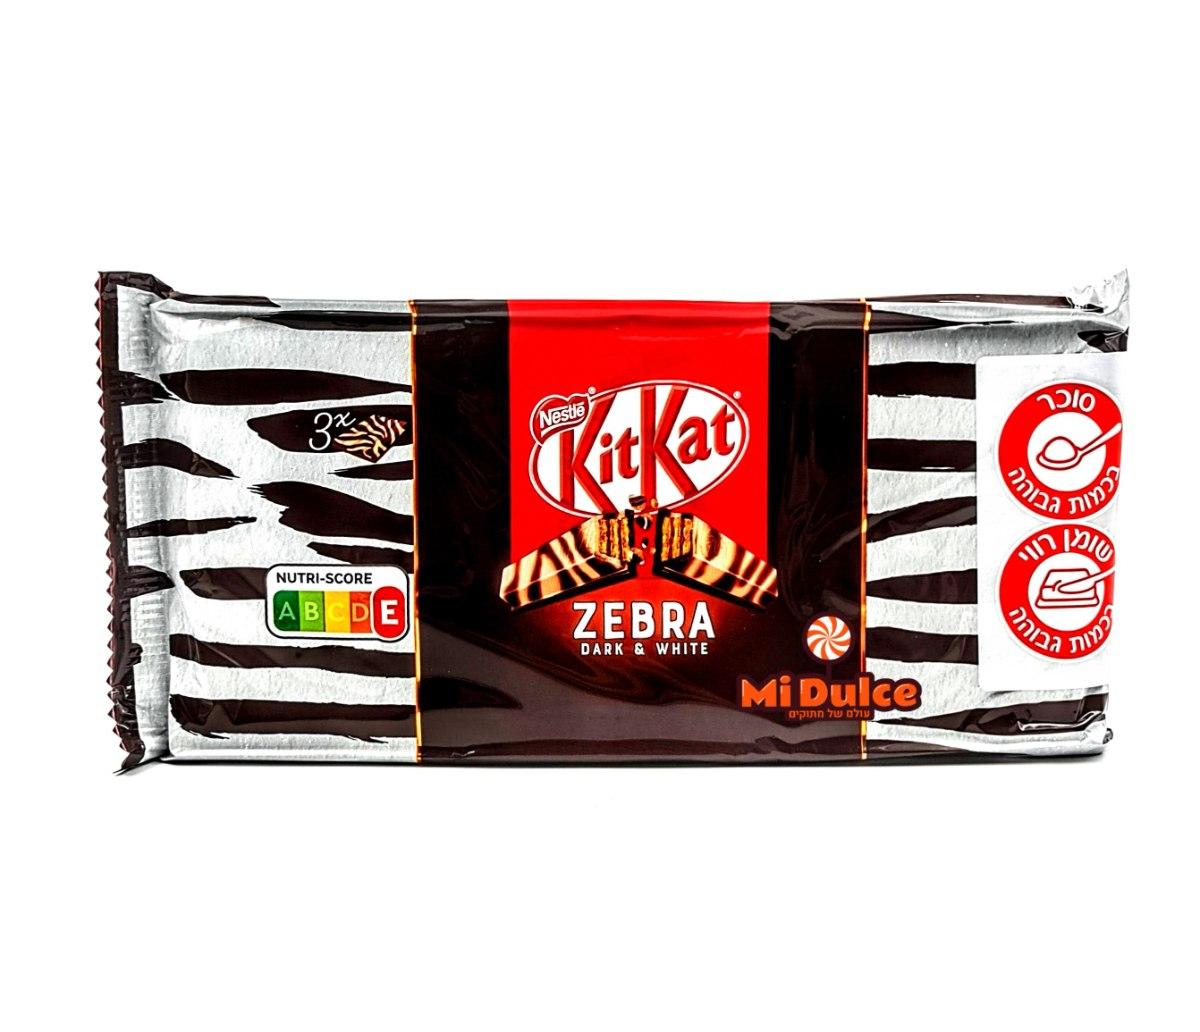 Kit Kat Zebra,מארז שלישייה!